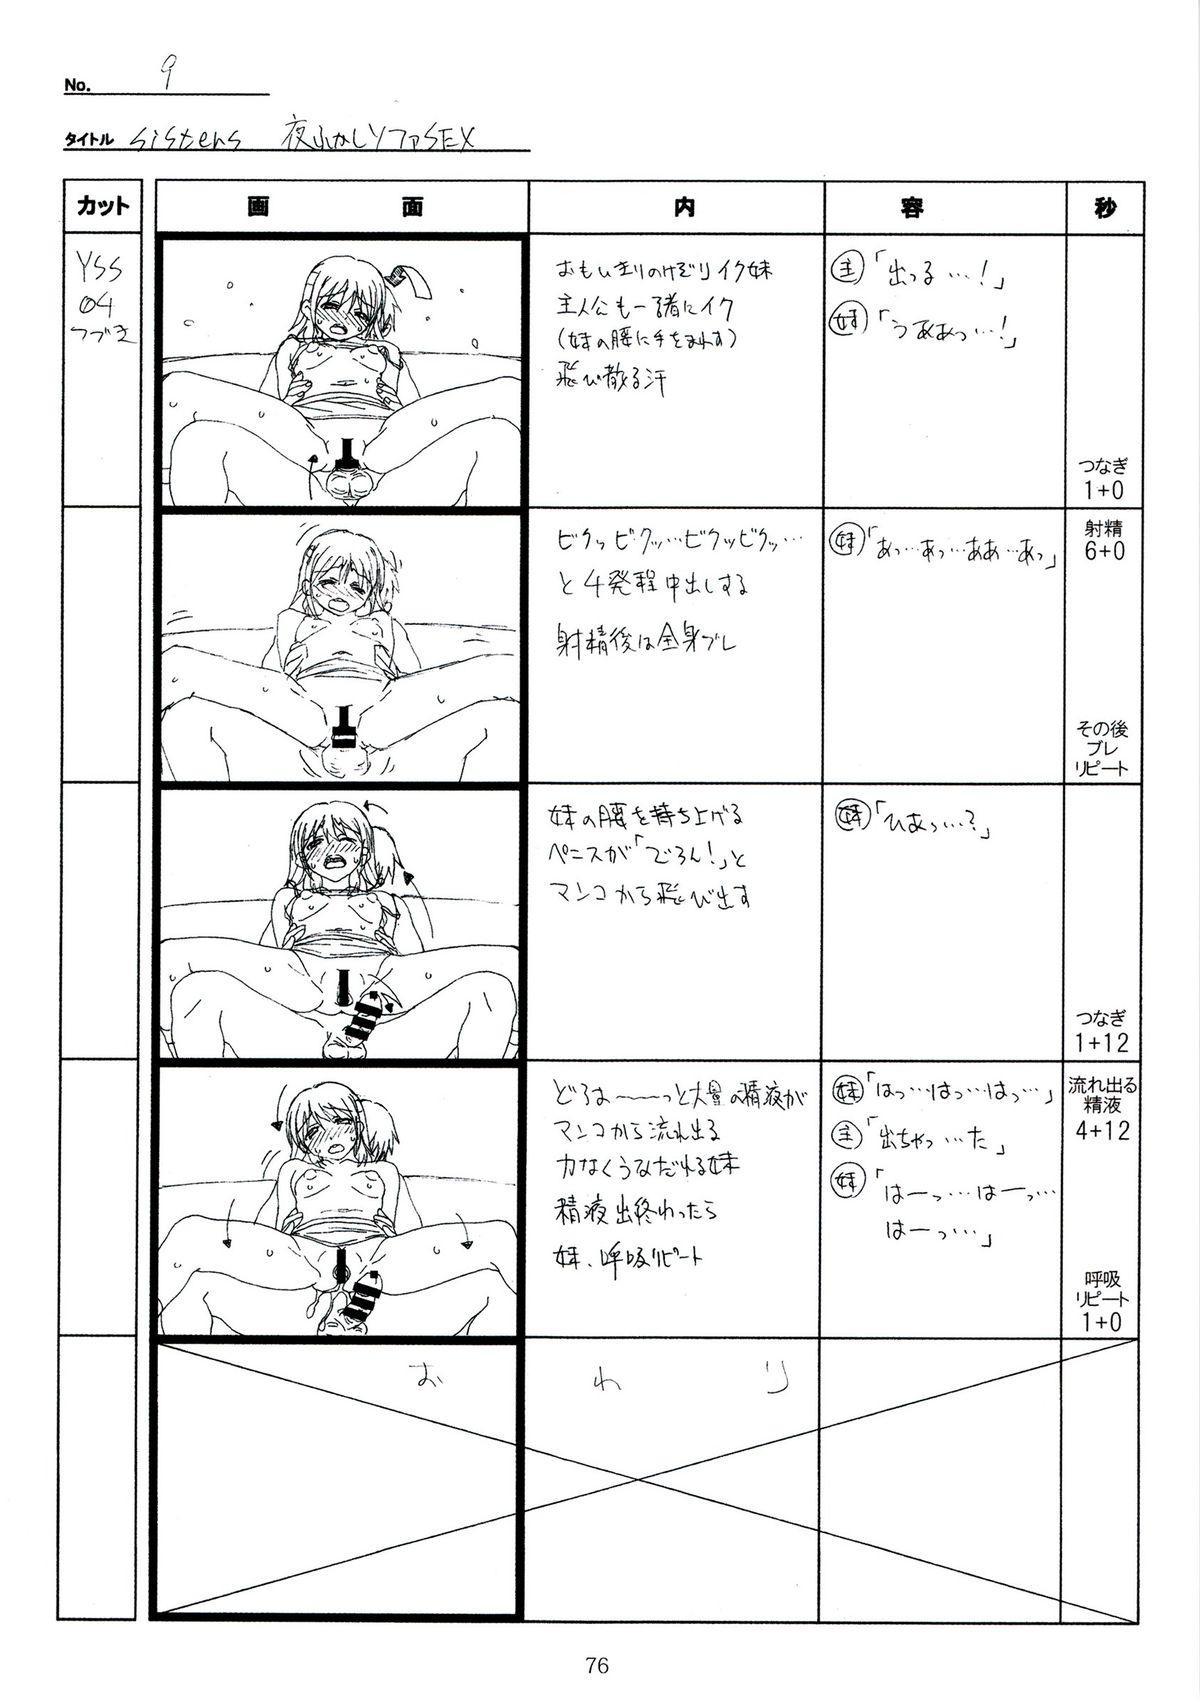 (C89) [Makino Jimusho (Taki Minashika)] SISTERS -Natsu no Saigo no Hi- H Scene All Part Storyboard (SISTERS -Natsu no Saigo no Hi-) 75